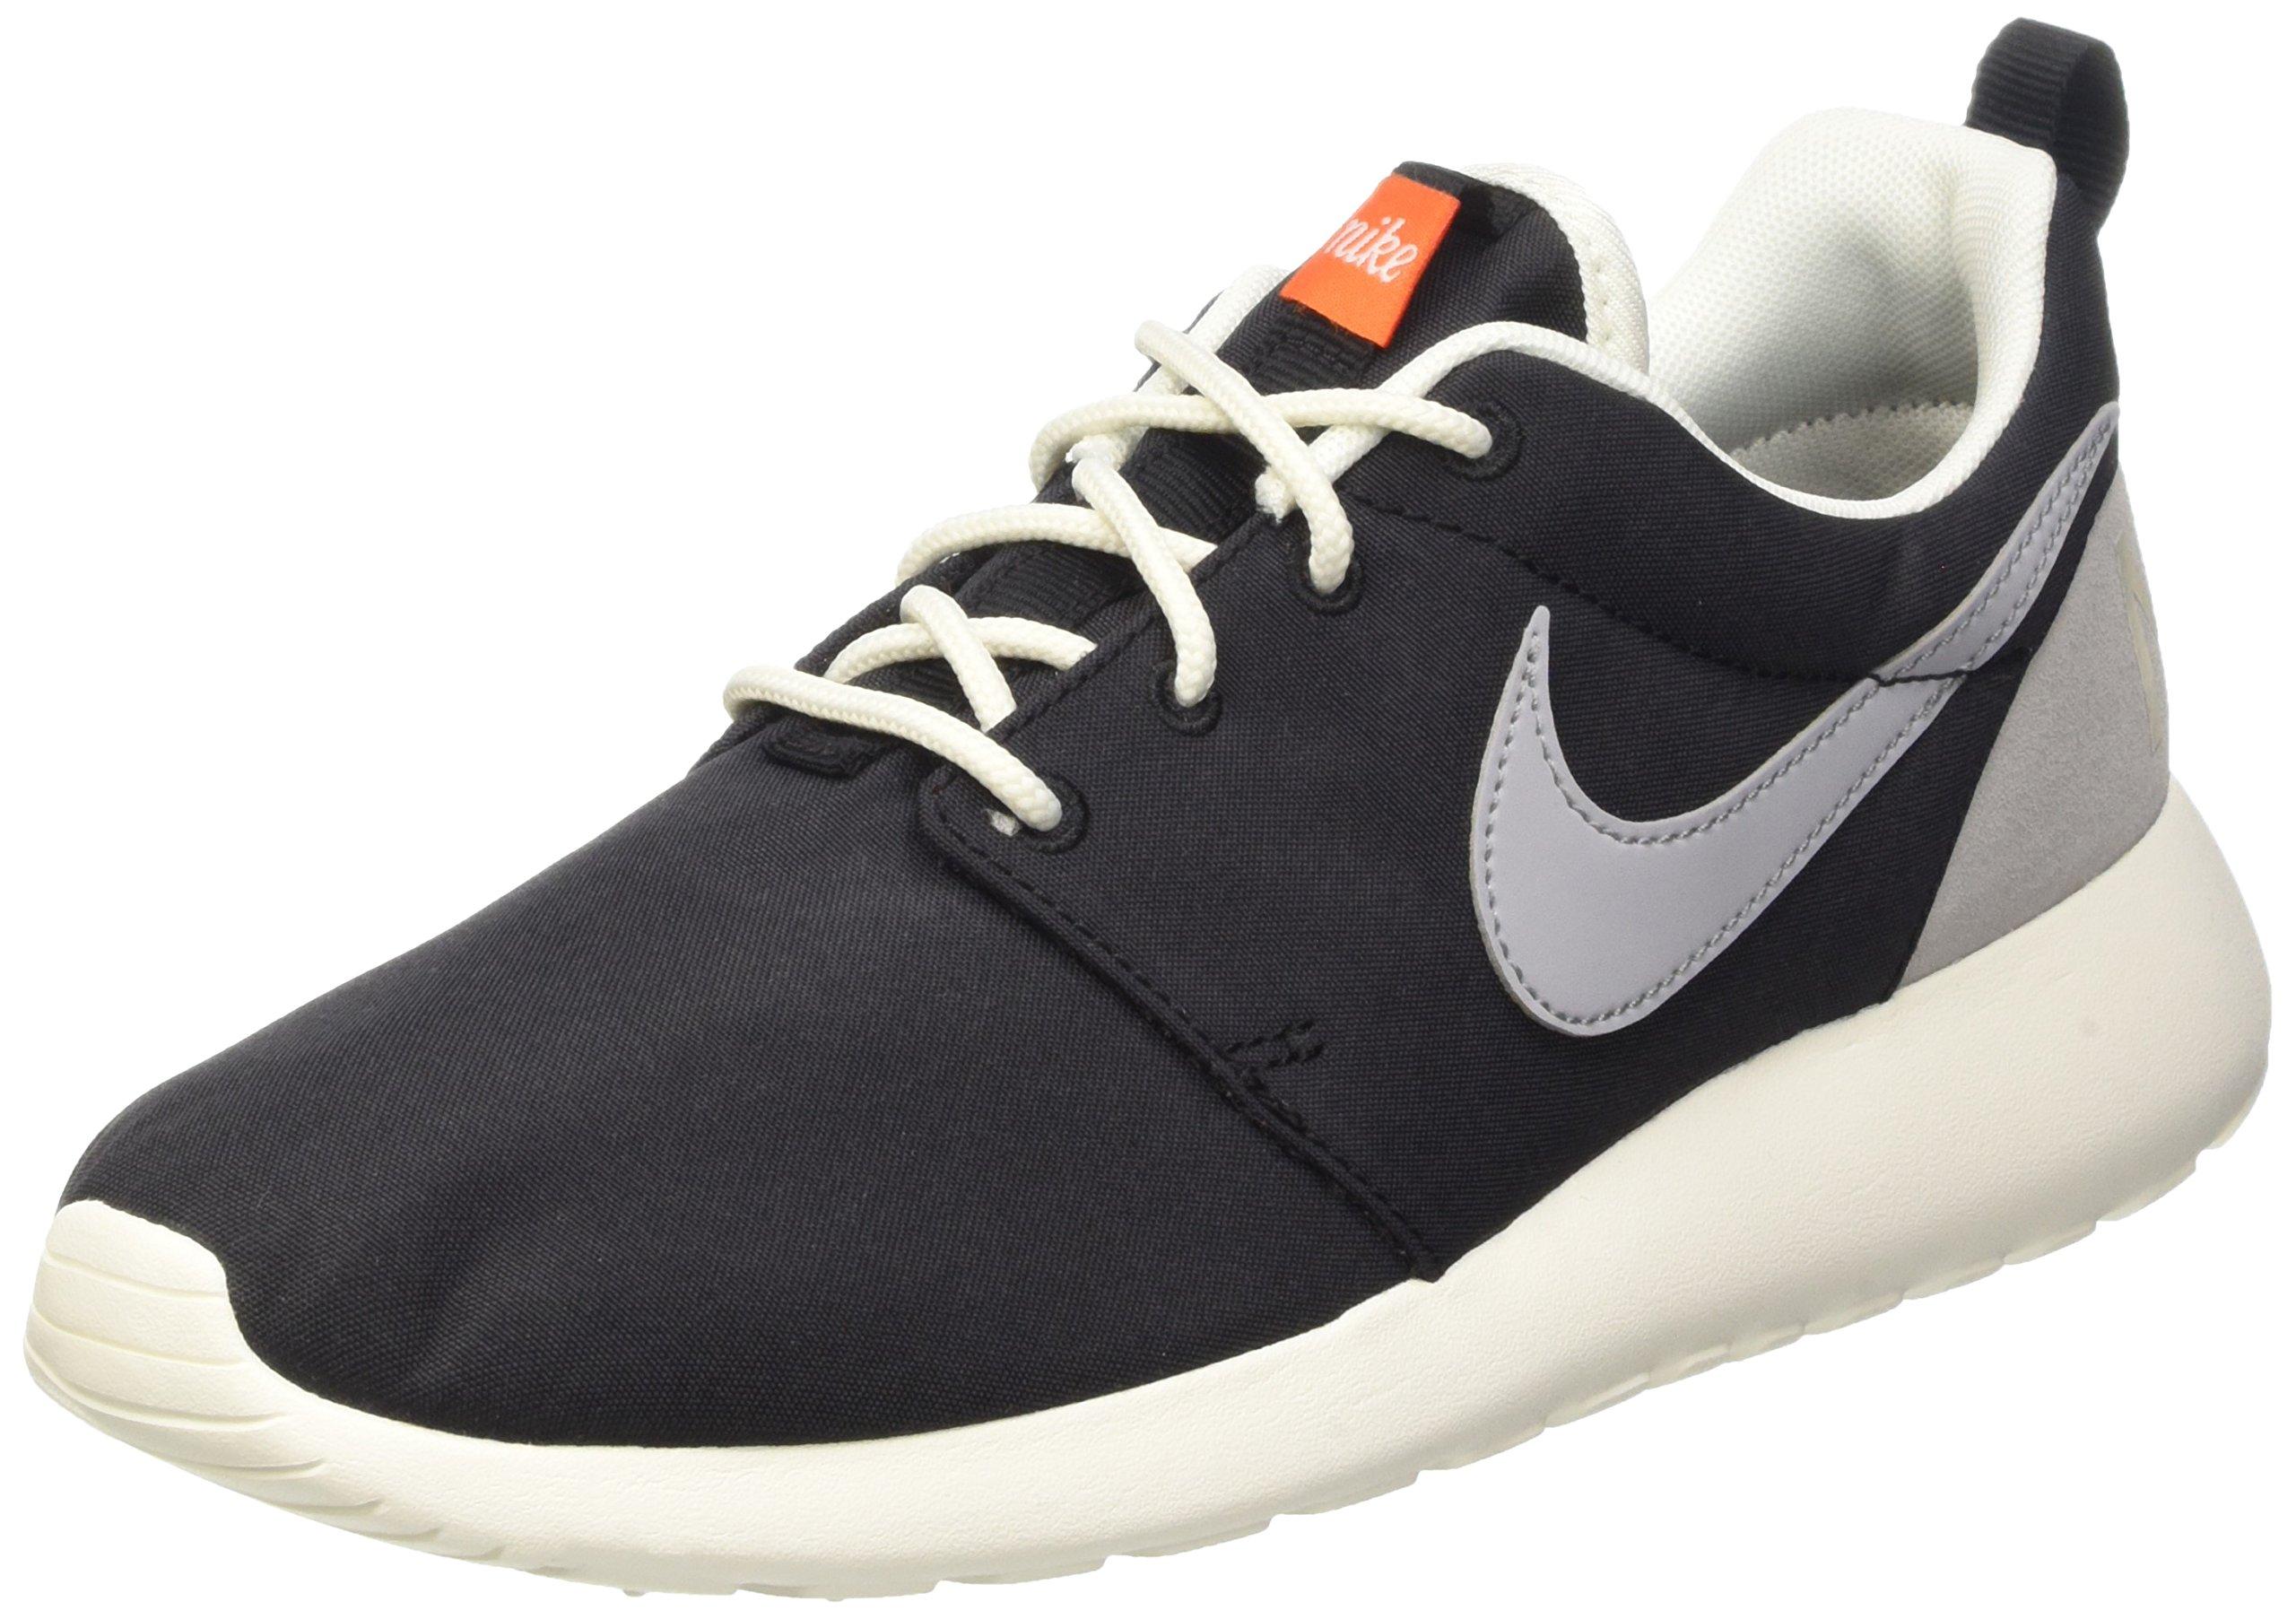 001 40 sailTaille wolf Grey GymnastiqueNoirnoir Nike820200 zpSVUM